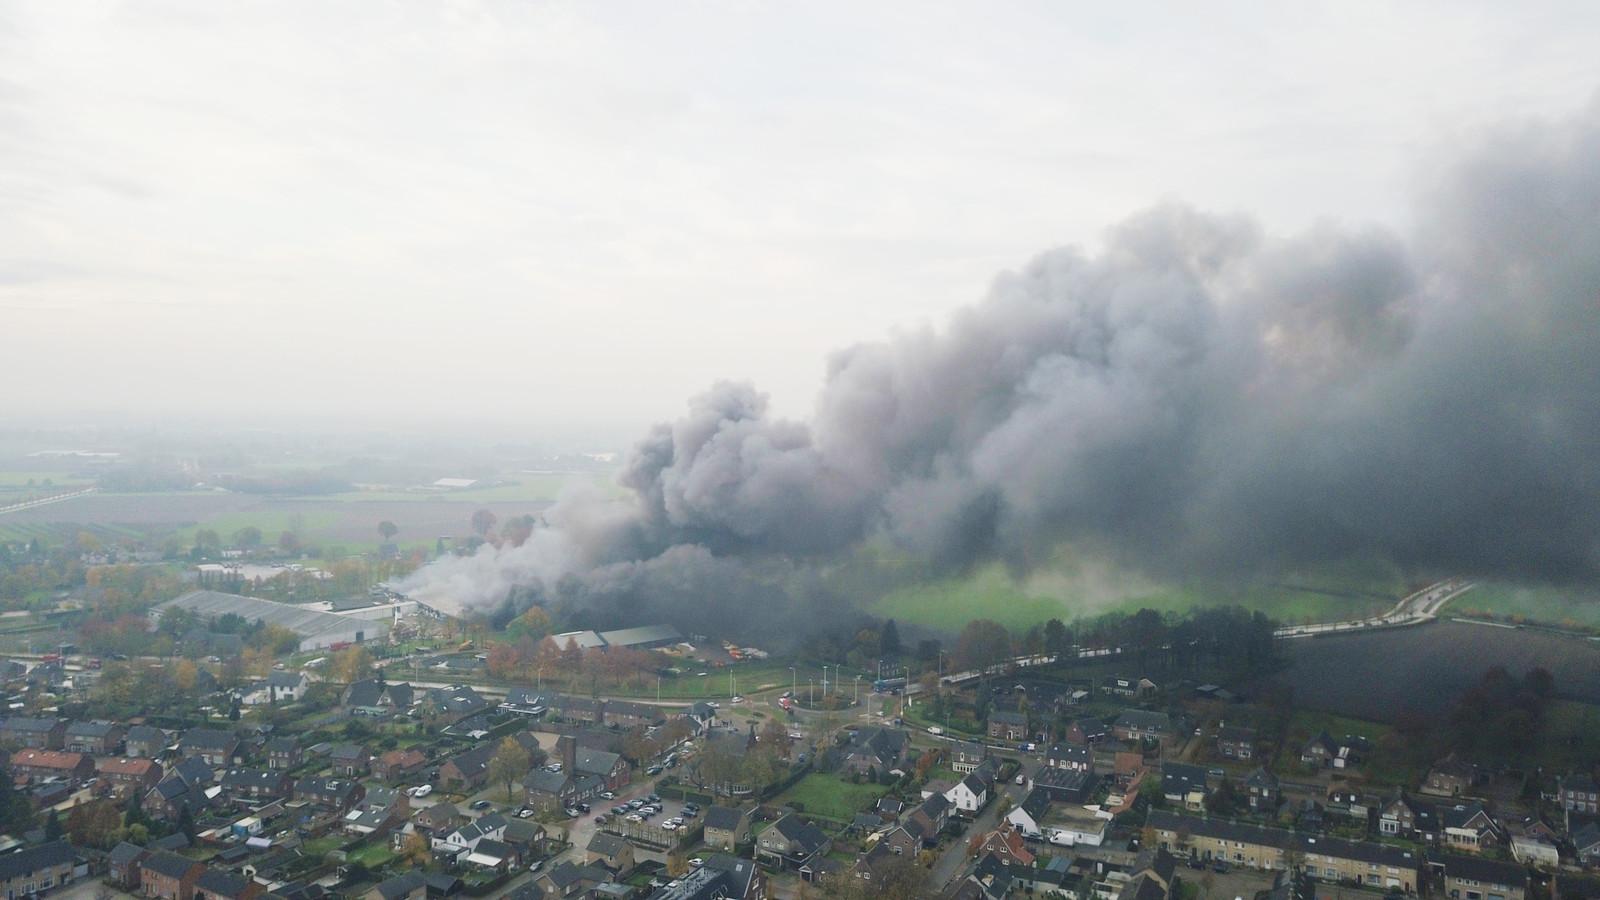 Een grote rookpluim stijgt op van Caravanstalling Oeffelt.